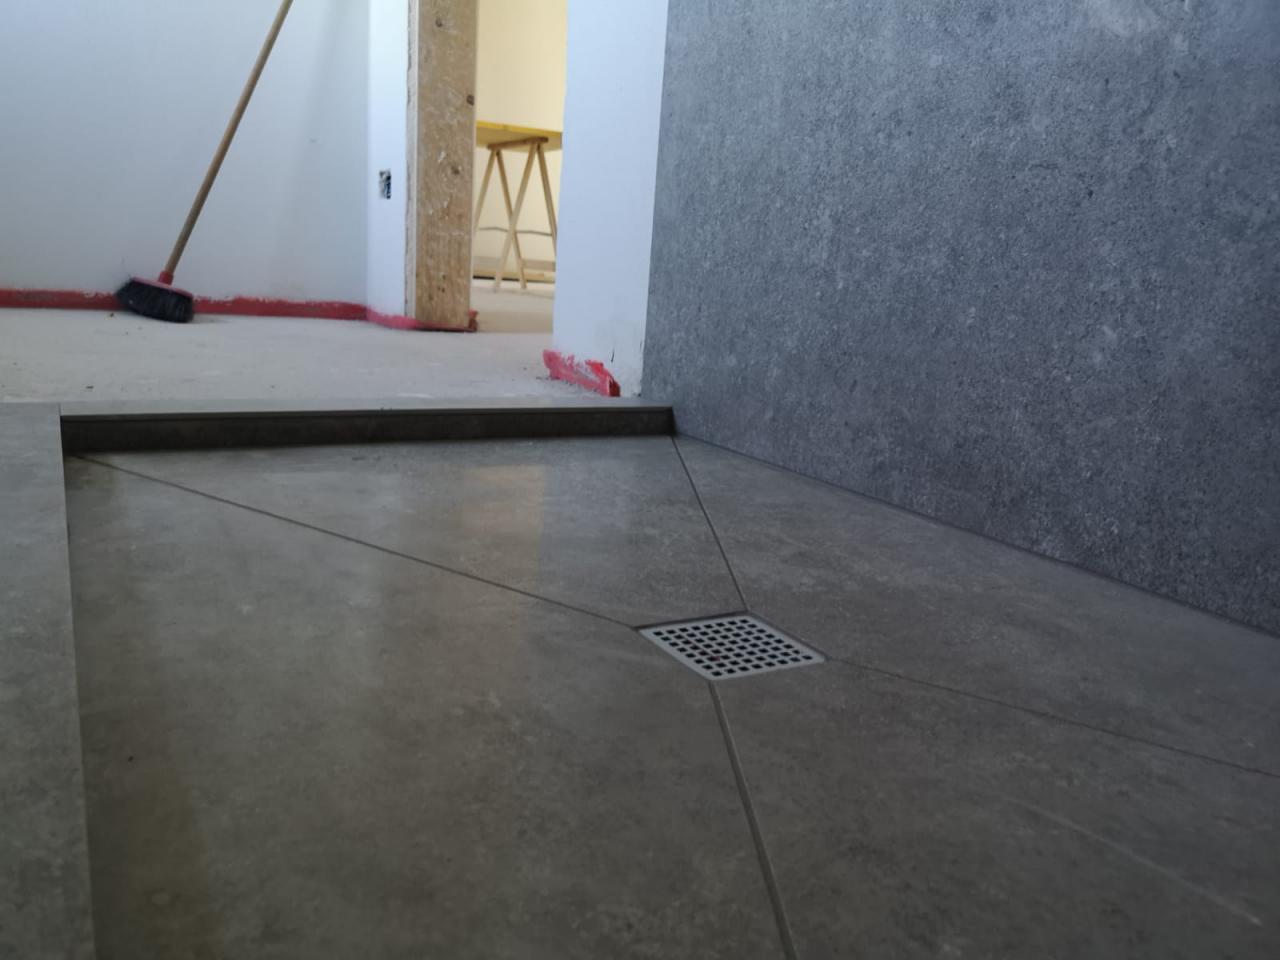 Piatto doccia in piastrelle come realizzarlo fratelli pellizzari - Piatto doccia raso pavimento ...